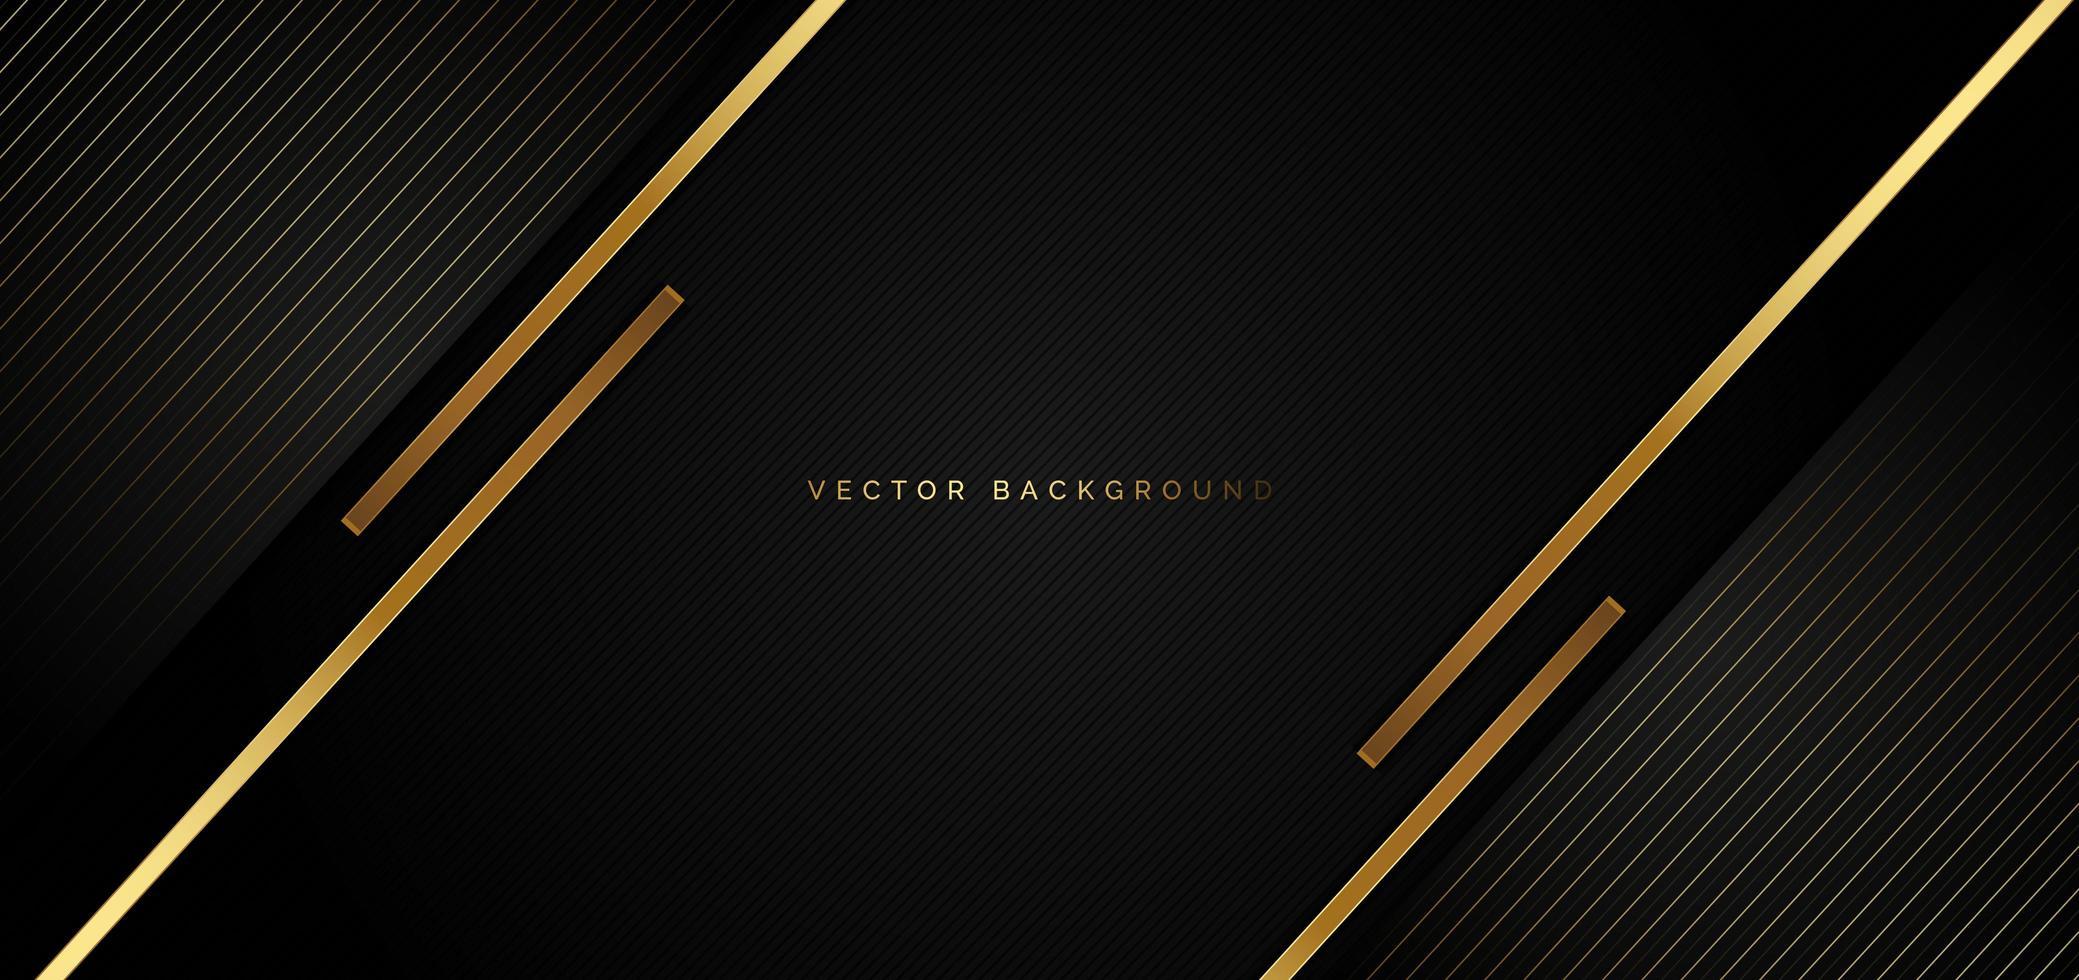 svart bakgrund med gyllene ränder i lyxstil vektor